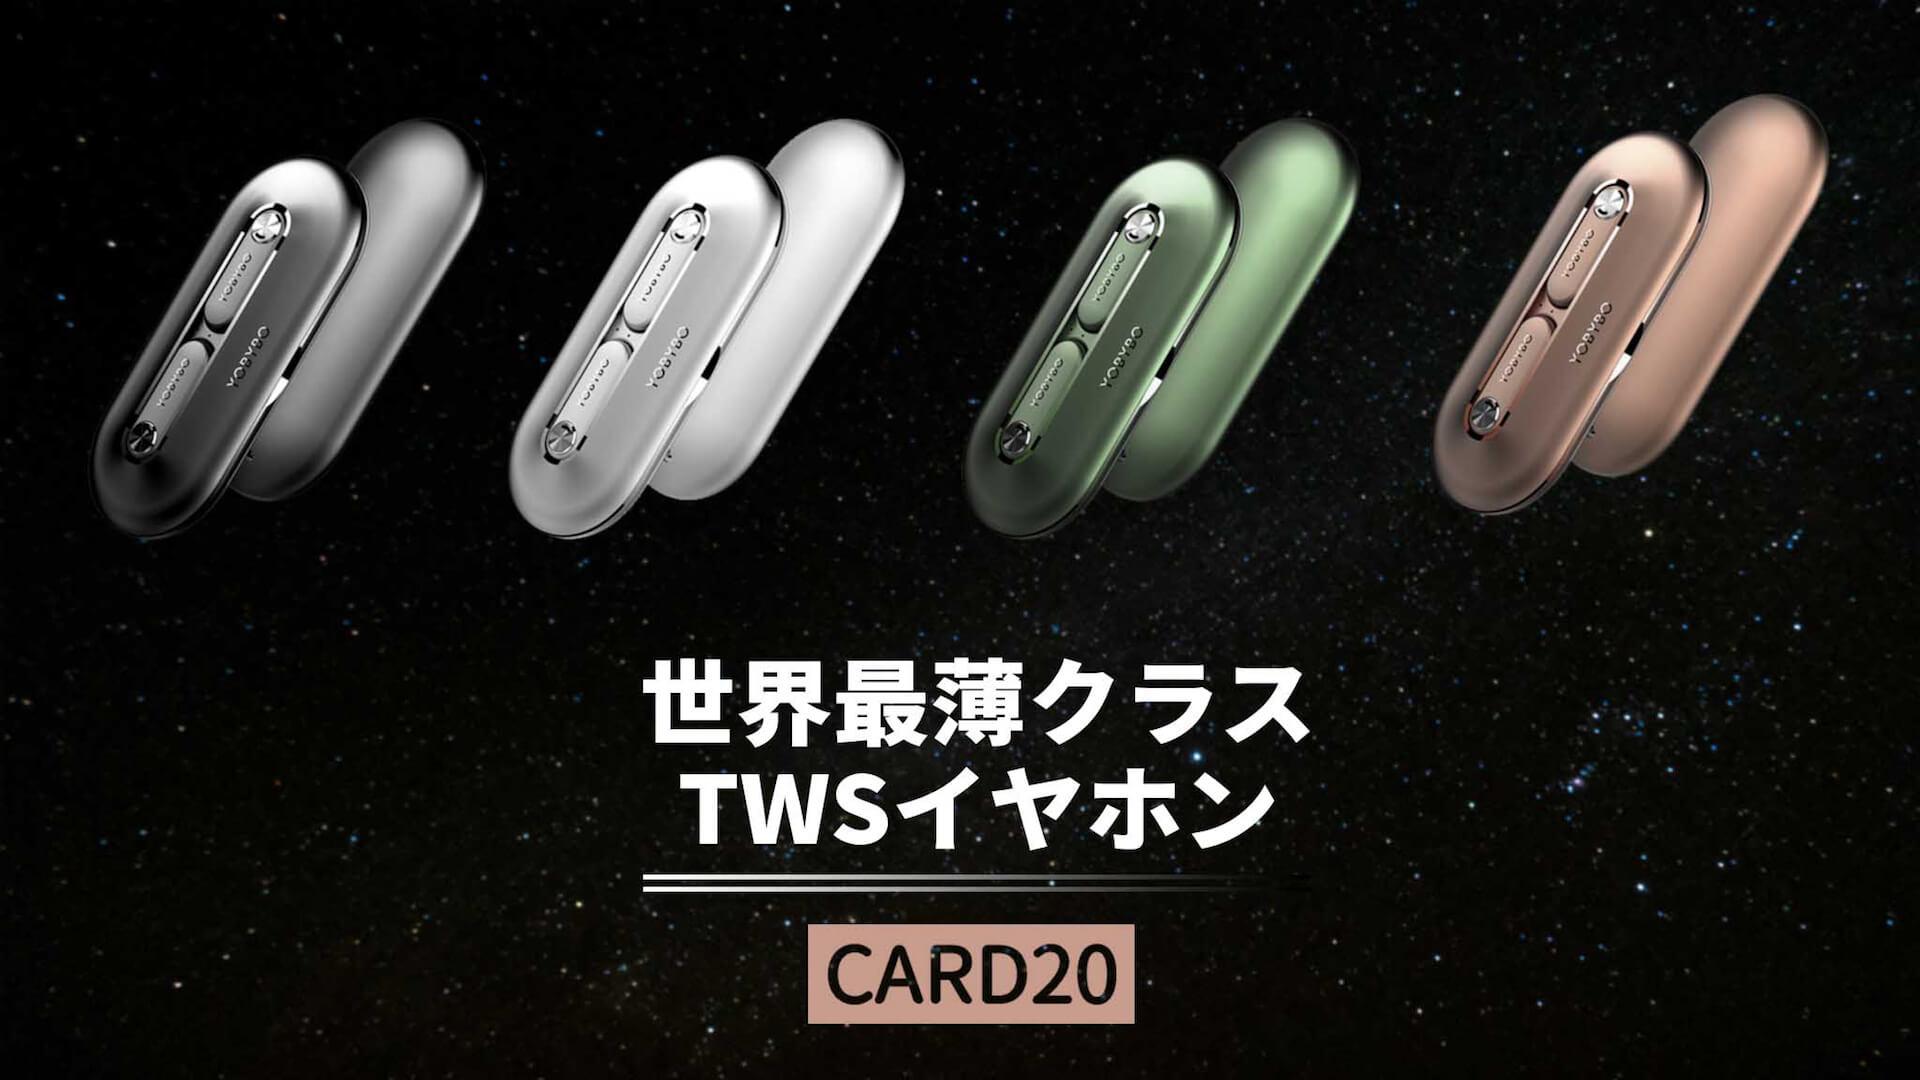 クラウドファンディング開始から5日で650万円達成!世界最薄クラスのワイヤレスイヤホン「CARD20」がMakuakeに登場 tech200121_card20_2